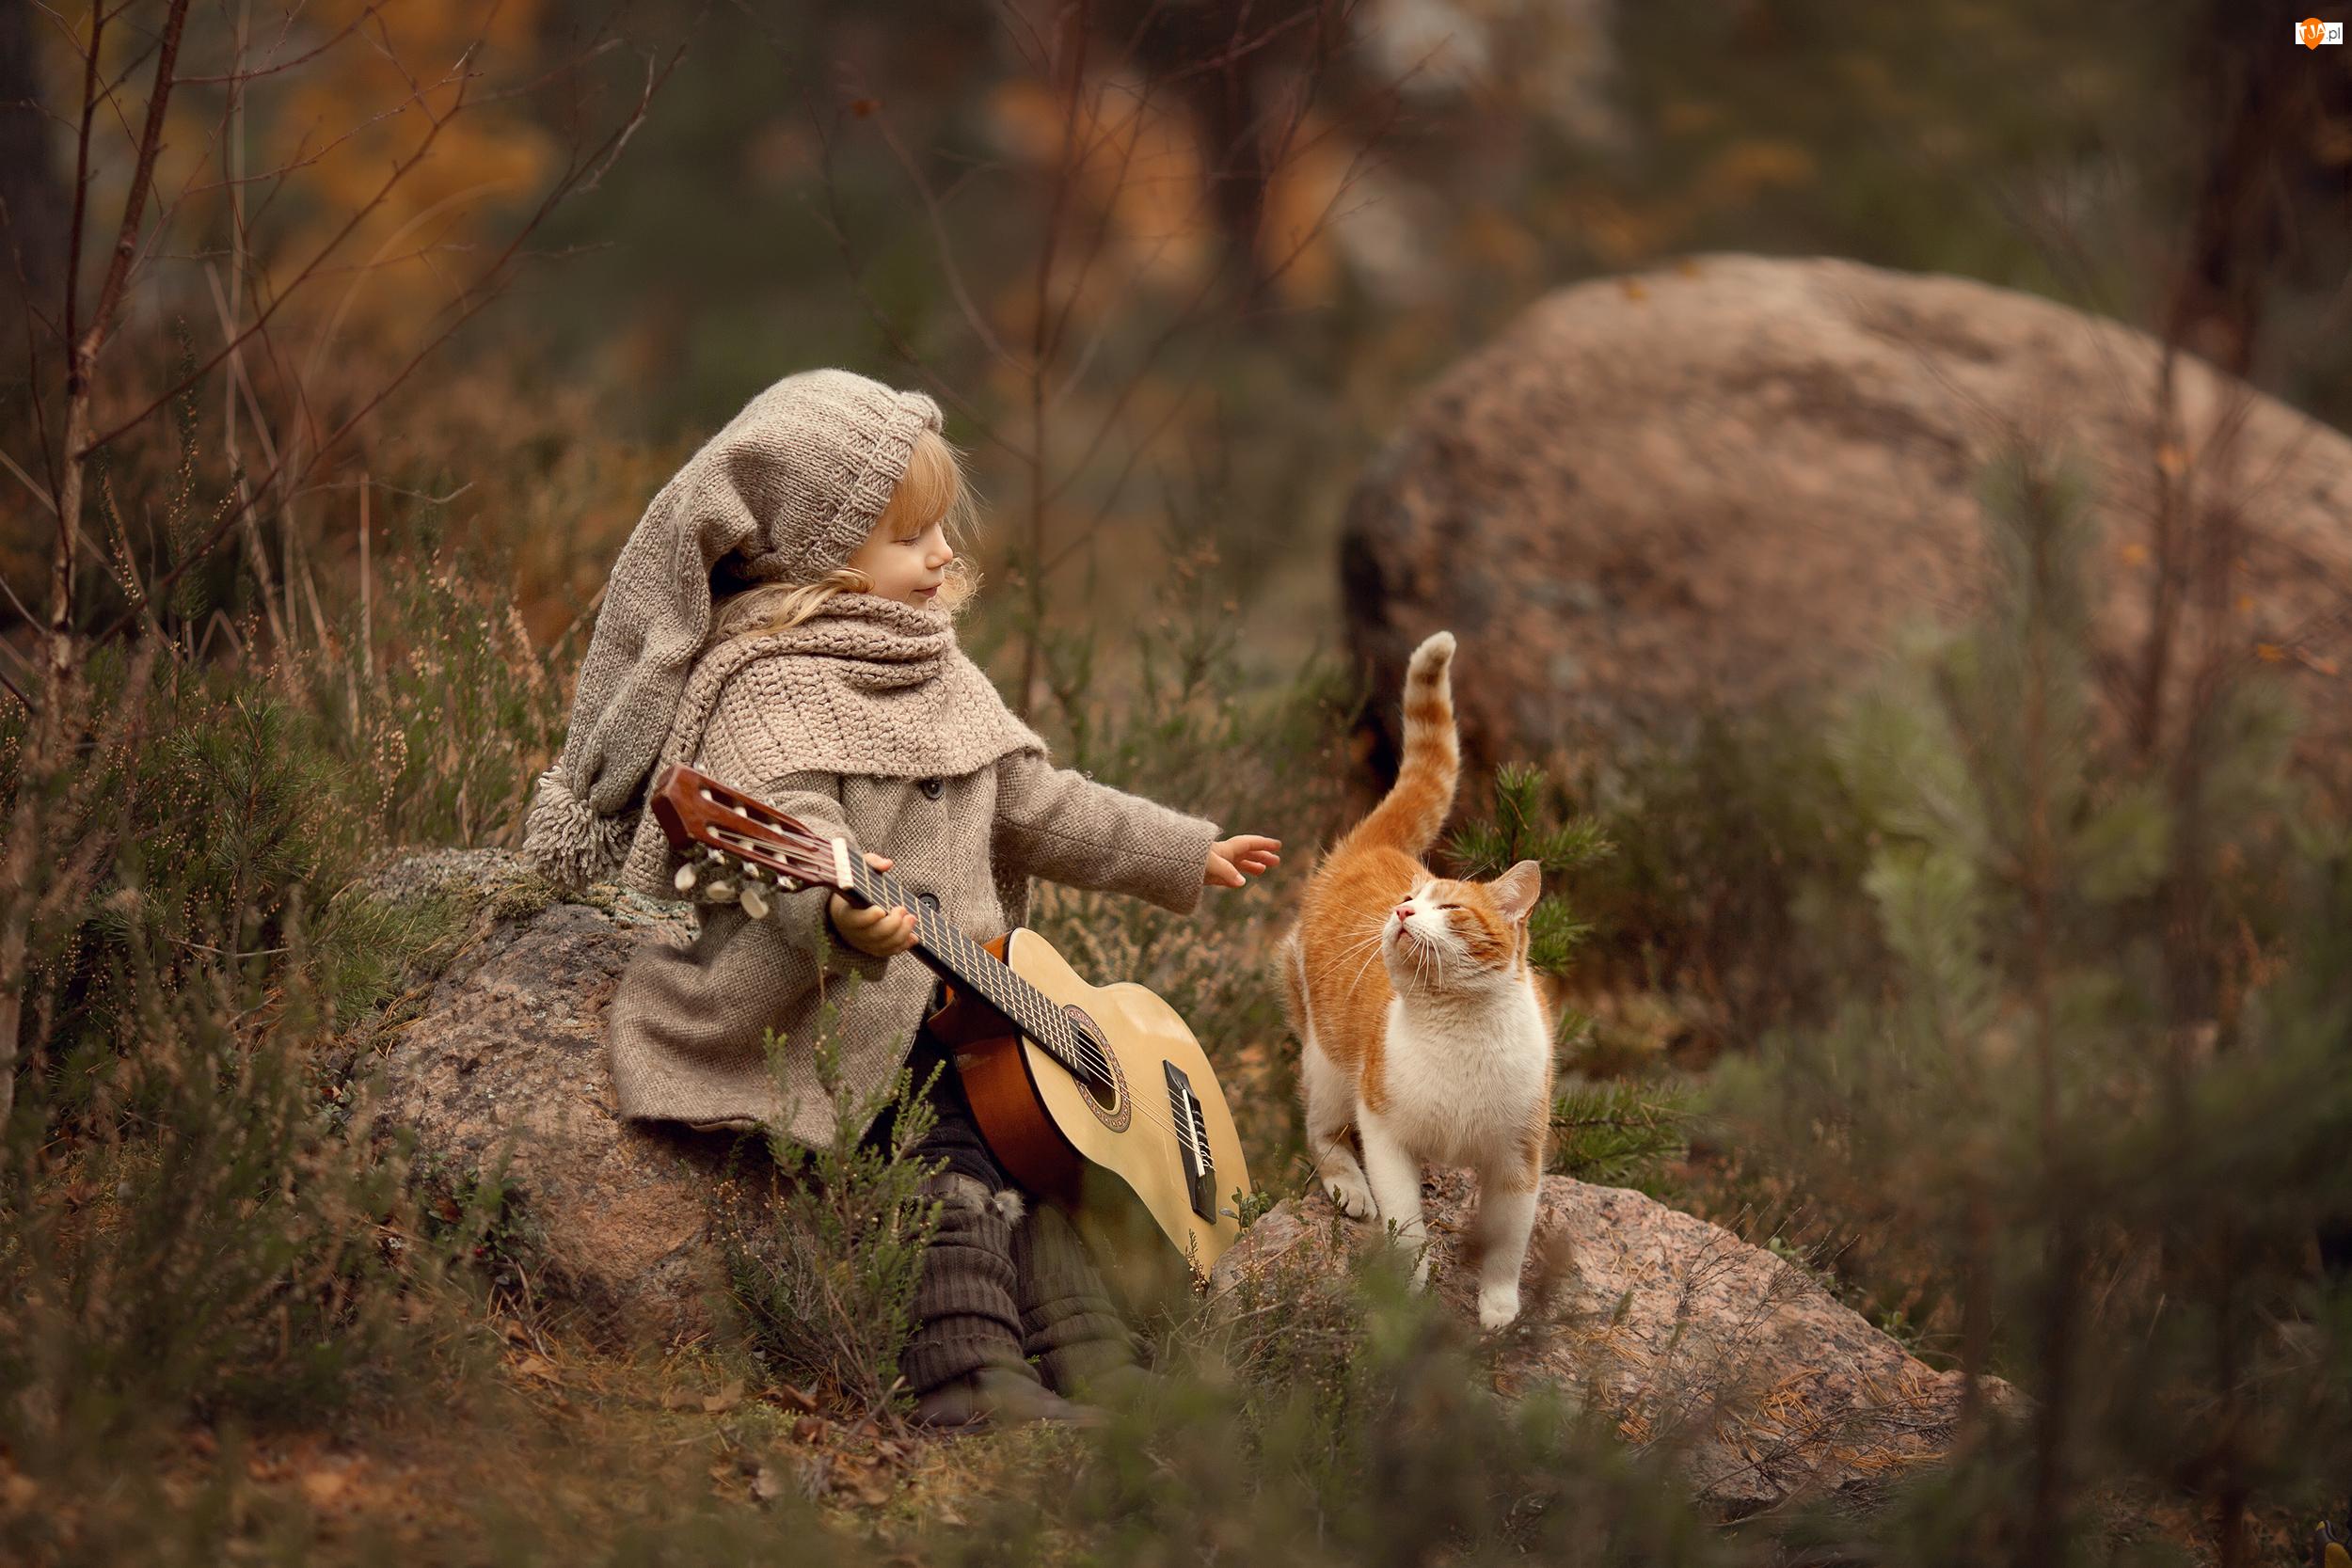 Kamienie, Jesień, Gitara, Dziewczynka, Kot